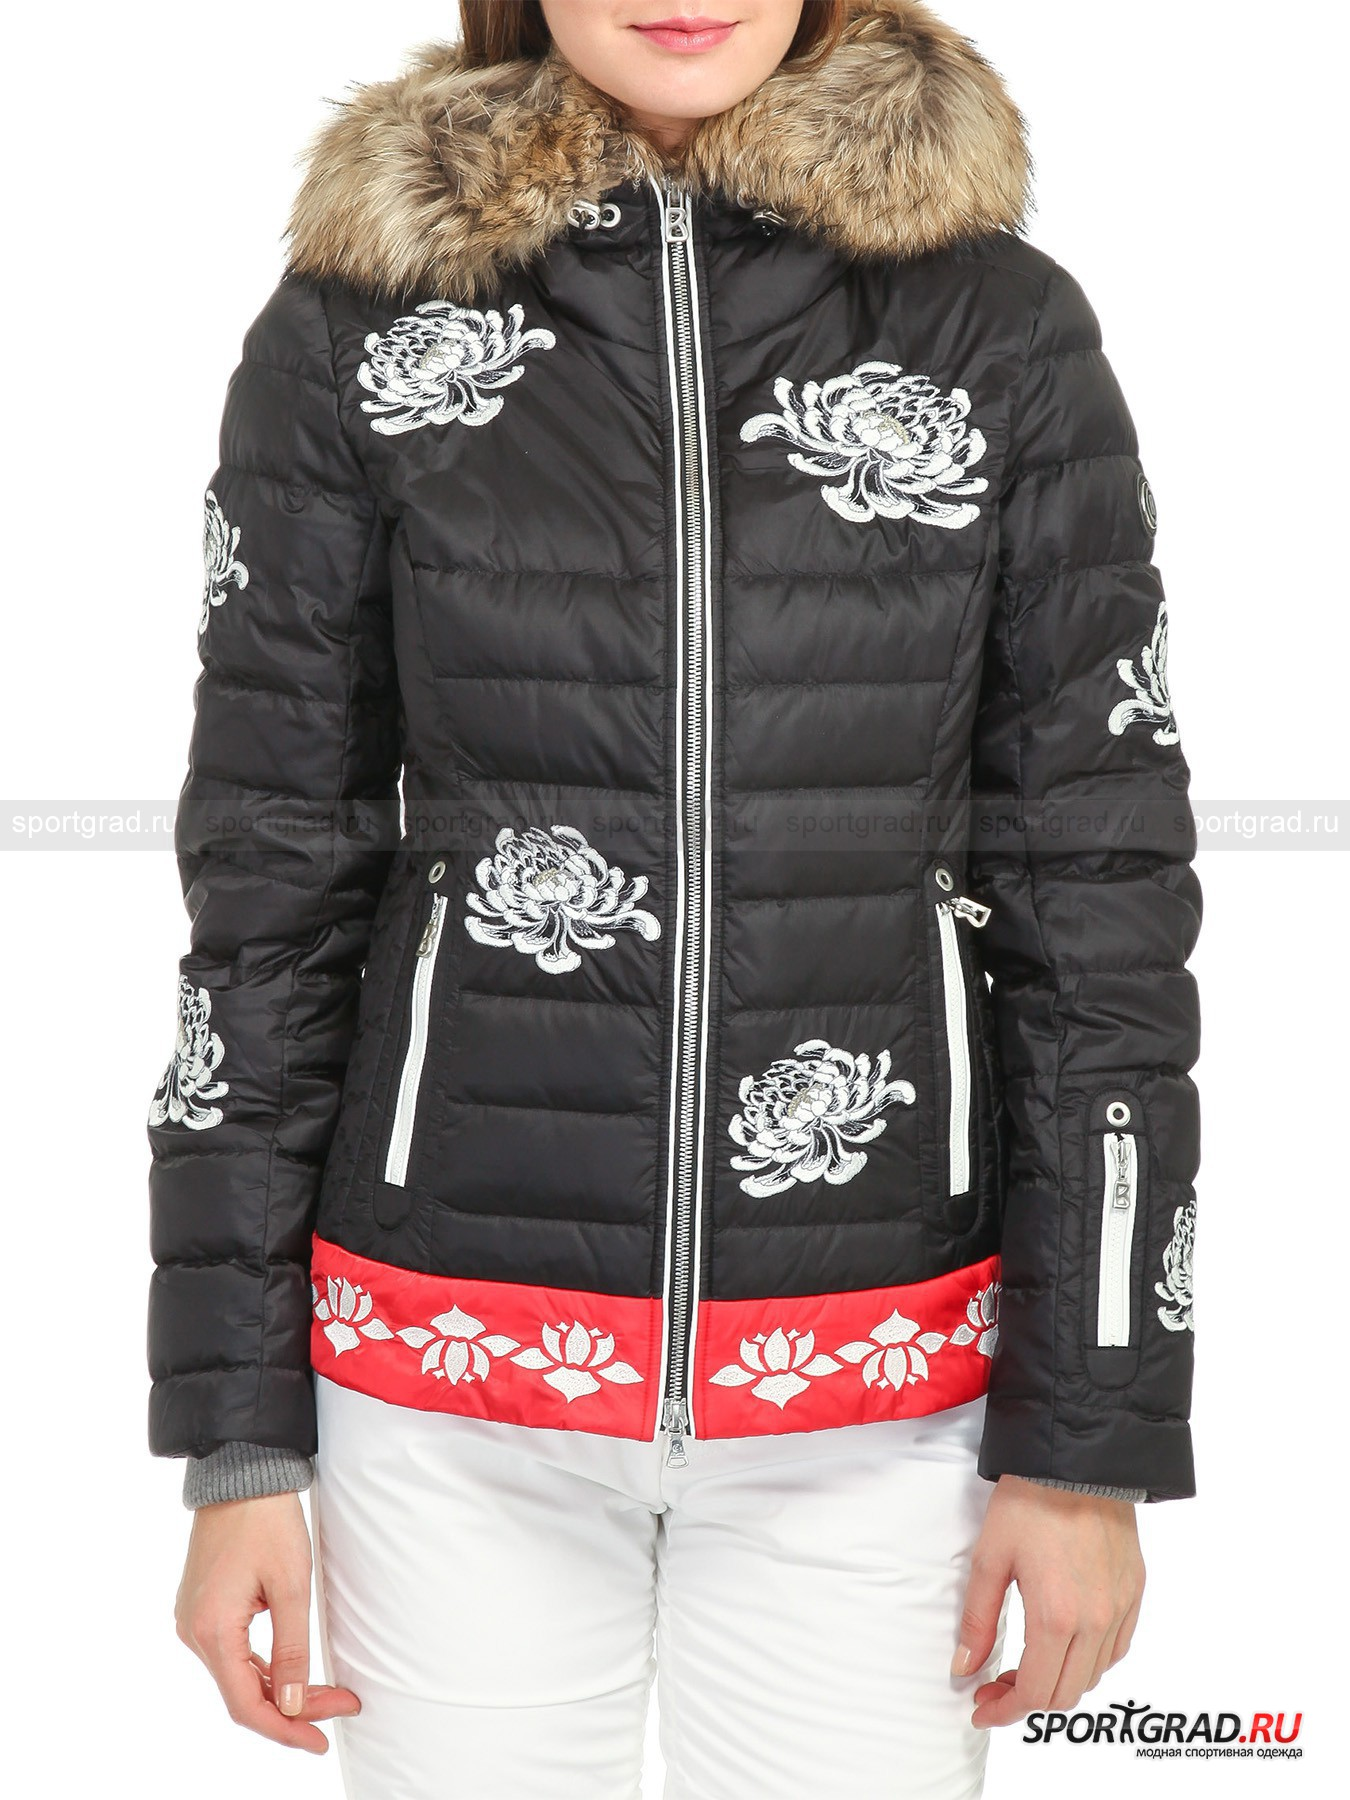 Пуховик горнолыжный женский Leya-d BOGNERКуртки<br>Женская горнолыжная куртка Leya-d BOGNER с коралловым бордюром и подкладкой капюшона в тон – расшитая непальскими цветами модель: легкая, будто перышко, благодаря наполнителю из гусиного пуха и замечательно сидящая на фигуре за счет продуманной конструкции рельефных швов спереди и сзади. <br><br>Модель имеет:<br>- составляющий с воротником-стойкой единое целое капюшон с корректирующим ширину просвета эластичным шнуром на фиксаторе;<br>- потайные манжеты из плотного двойного трикотажа, страхующие от попадания внутрь холодных потоков воздуха и снега;<br>- двухзамковую центральную застежку на молнию с фирменным бегунком и внутренней защитной планкой;<br>- застегивающуюся спереди на кнопки «снежную» юбку на резинке с силиконовой тесьмой, препятствующей задиранию во время движения; <br>- пару прорезных карманов на поясе + кармашек под карточку для ски-пасса на левом рукаве;<br>- глубокий внутренний карман, снабженный зиппером;<br>- комбинированную клетчатую подкладку с эффектными нашивками, воплощающими символику коллекции;<br>- петлю для вешалки и фирменную фурнитуру.<br>Длина рукава по внутреннему шву без учета манжет ок. 60, 5 см, длина сзади по центру от горловины до низа 47, 5 см, ширина груди 48, 5 см, ширина по бедрам 49 см (размер 36).<br><br>Пол: Женский<br>Возраст: Взрослый<br>Тип: Куртки<br>Рекомендации по уходу: Изделию показана стирка при температуре строго 30°, глажка при температуре, не превышающей 110°, щадящая сушка, профессиональная хим- и аквачистка. Запрещено отбеливание.<br>Состав: Поверхность: 100% полиамид. Подкладка: 100% полиэстер. Наполнитель: 80% гусиный пух, 20% перо. Опушка: мех дикой куницы.